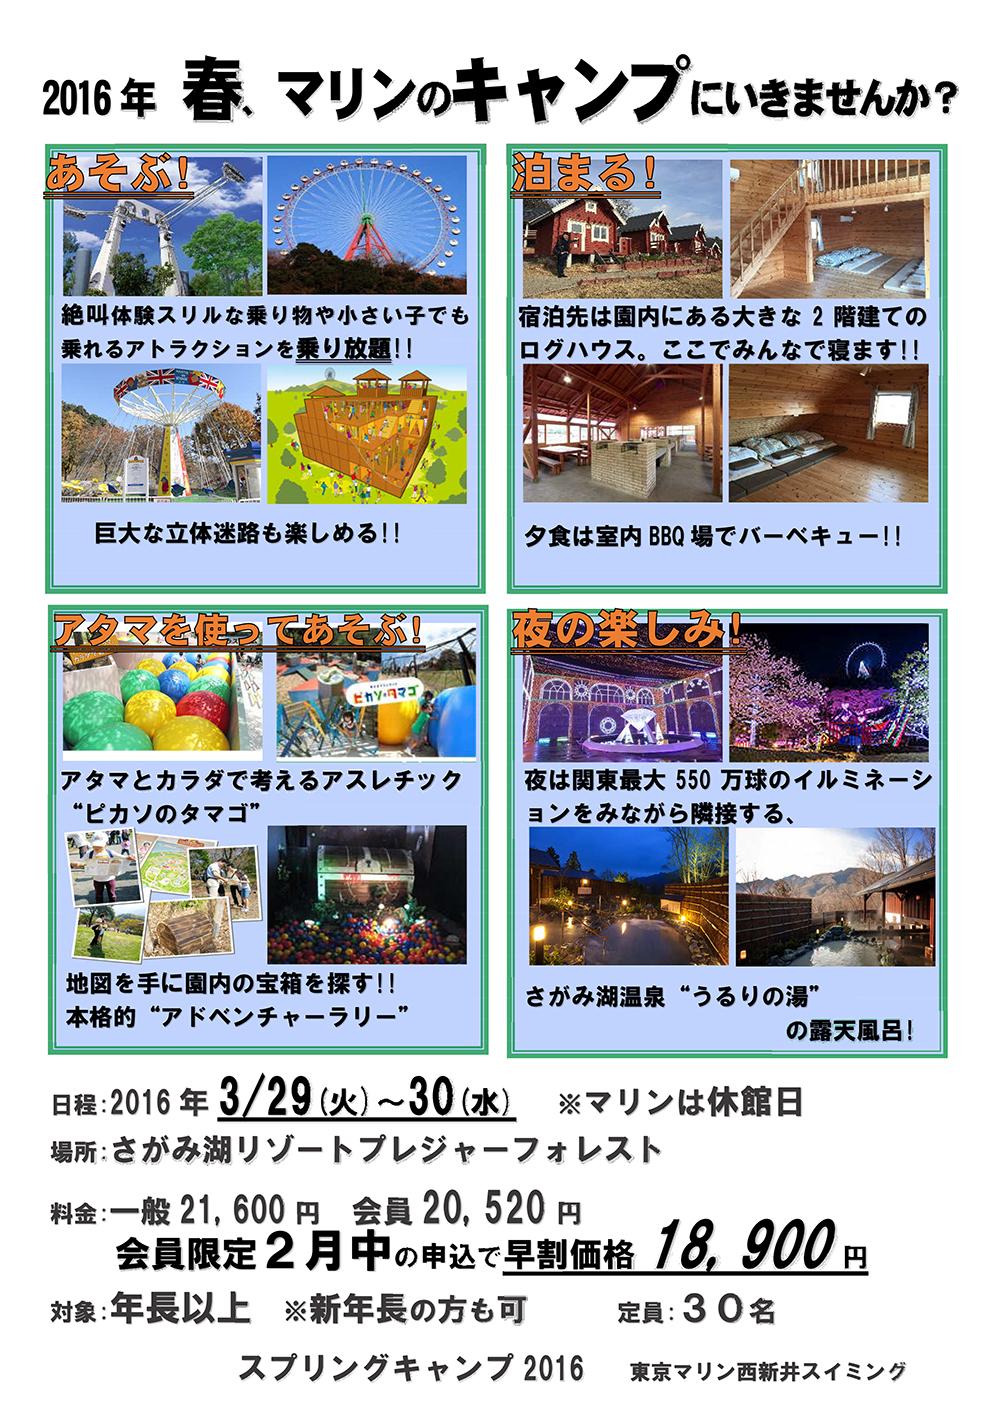 『スプリングキャンプ』(年長以上の方)参加者募集中!! 実施期間:2016年3月29日(火)~30日(水)(募集は終了いたしました。)